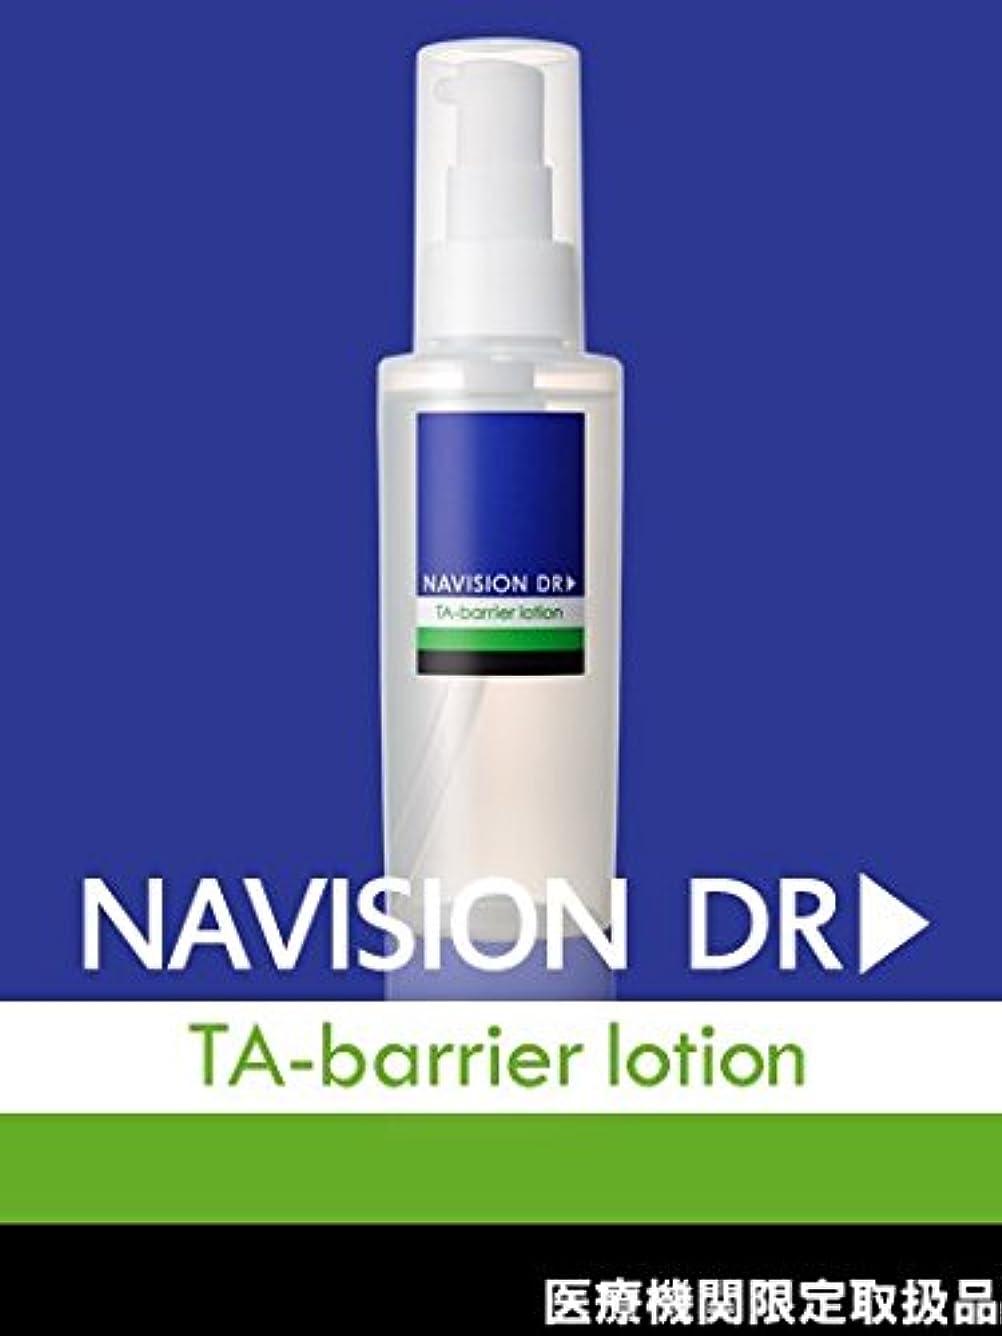 社交的部分的に平らにするNAVISION DR? ナビジョンDR TAバリアローション(医薬部外品) 120mL 【医療機関限定取扱品】